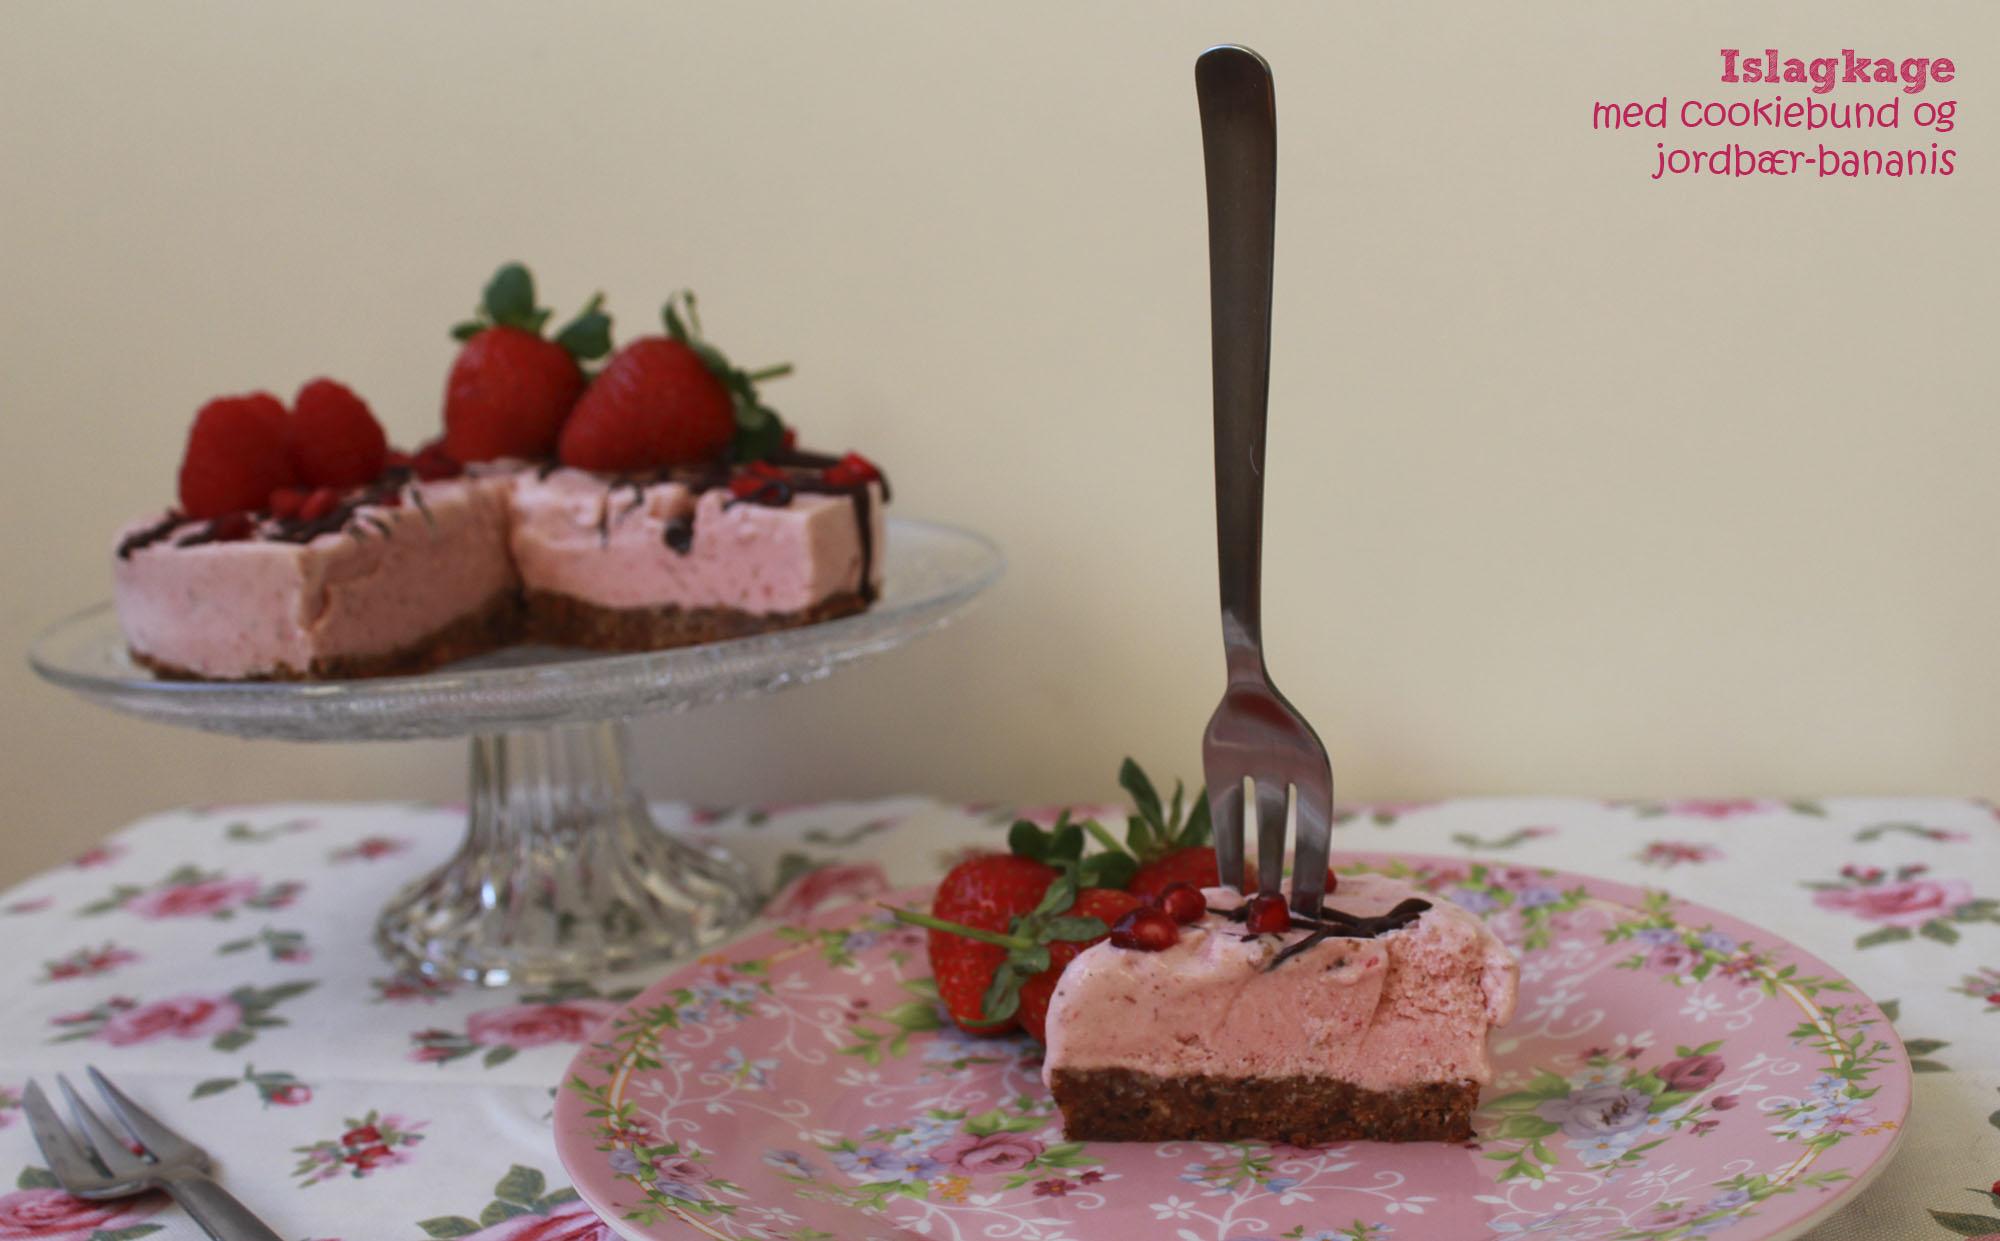 Islagkage med cookiebund og jordbær-bananis